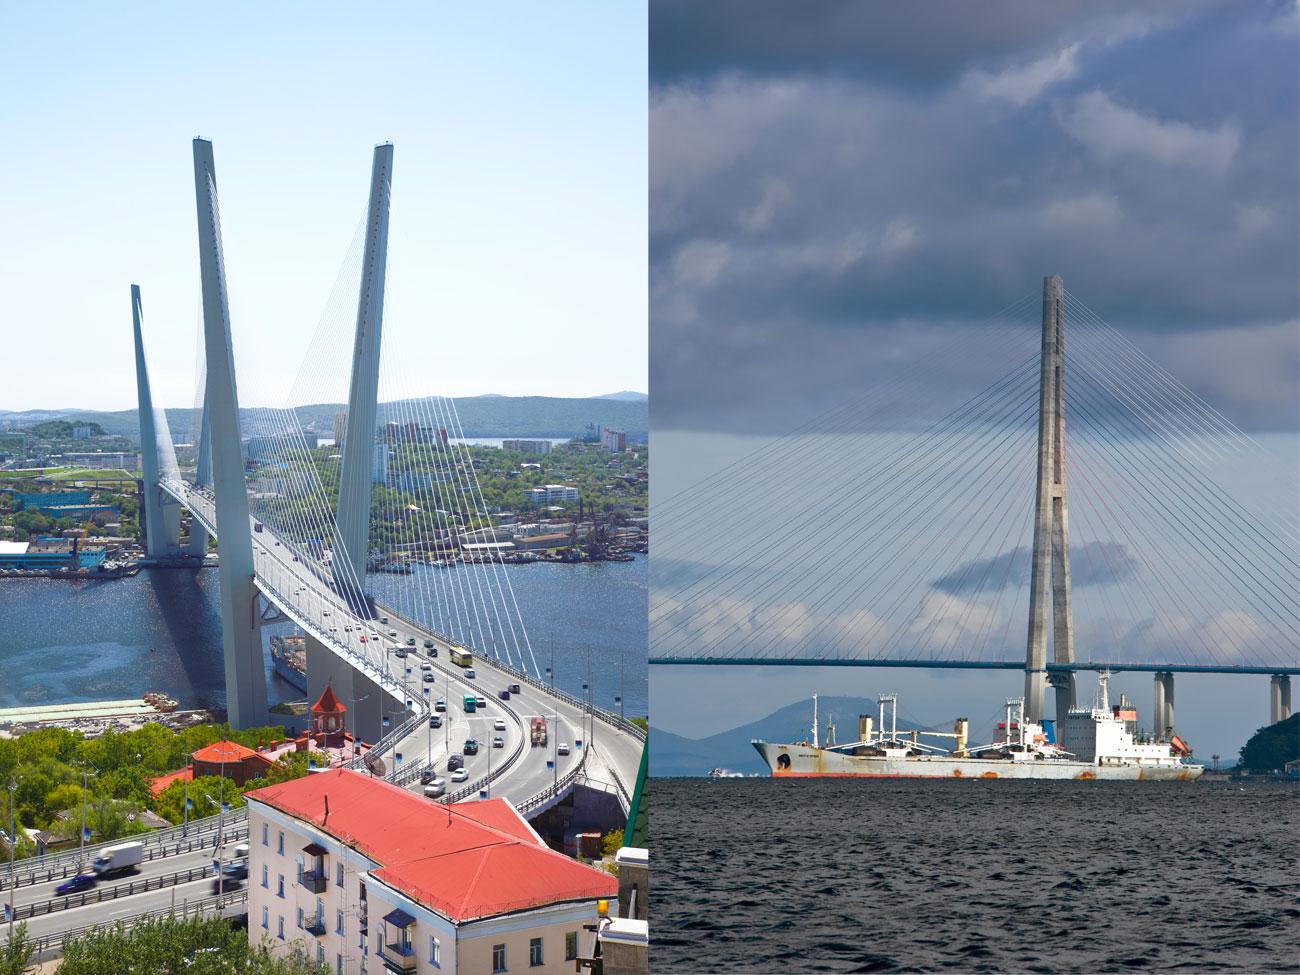 Победителите ще бъдат определени на финалното онлайн гласуване през септември. / Владивосток, най-предната точка на Русия на Тихия океан, очарова със своите многобройни острови и мостове.